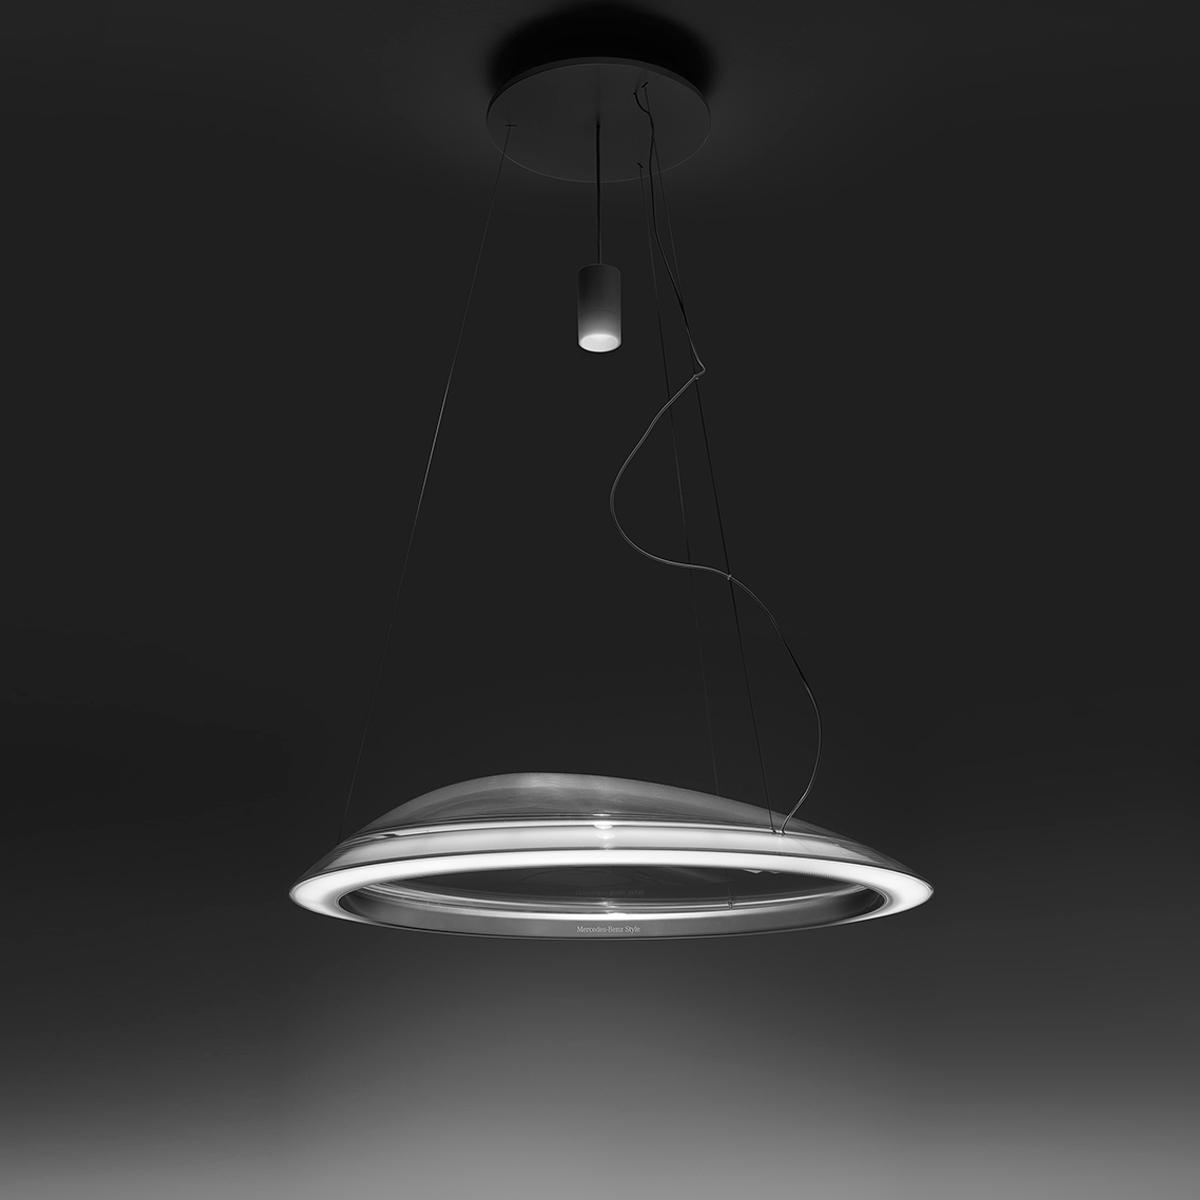 Artemide Ameluna LED Sospensione 1401010APP